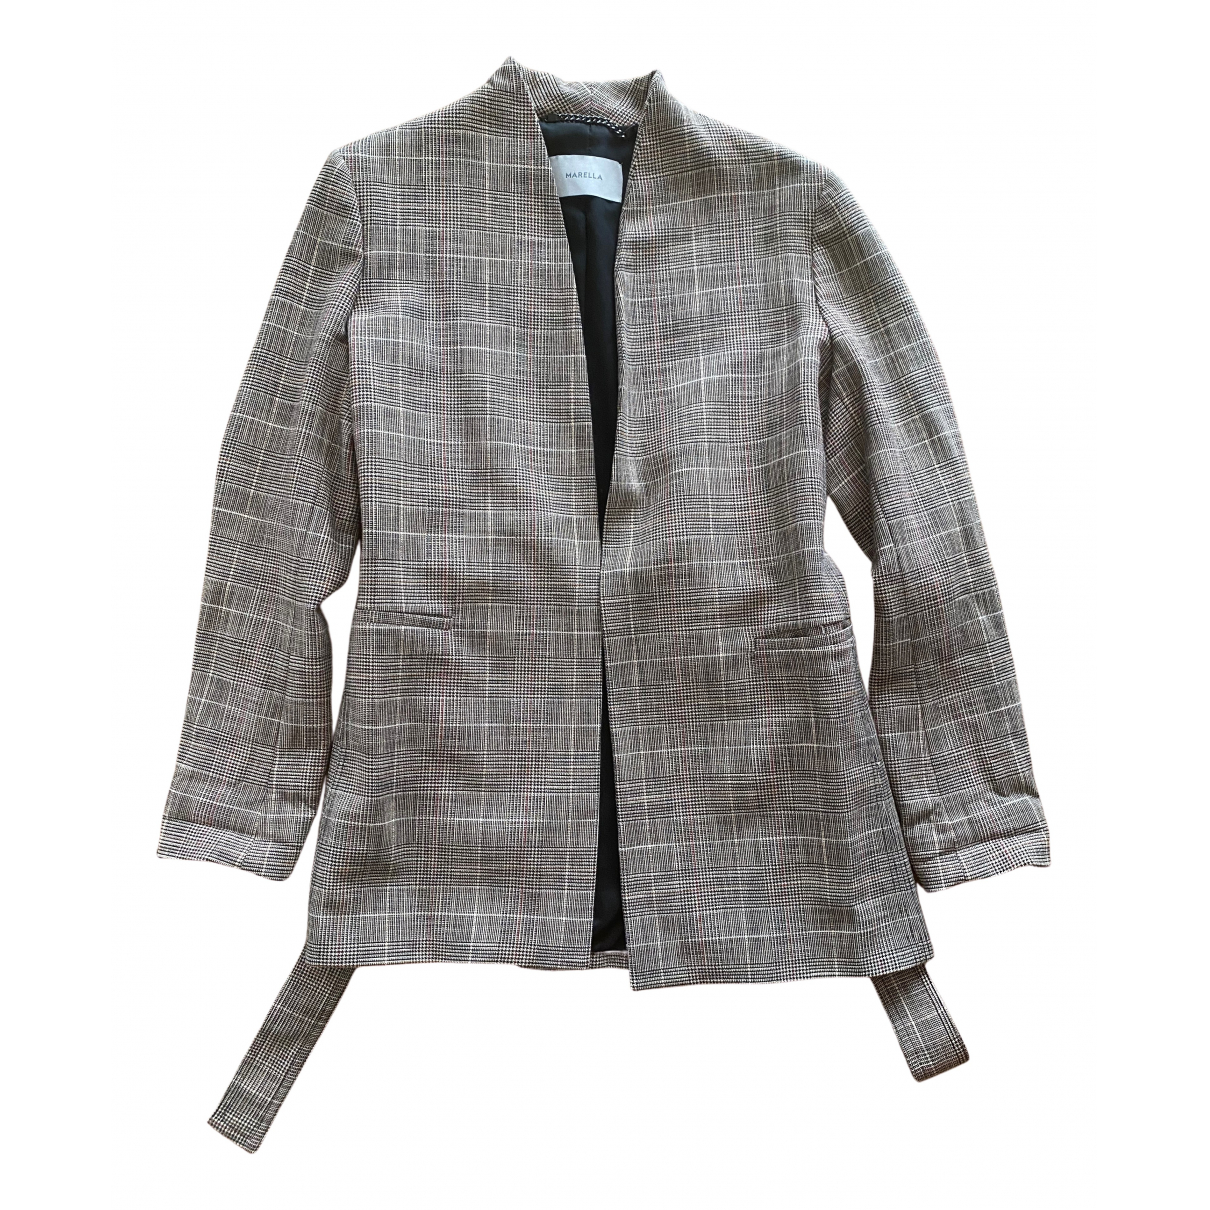 Marella \N Grey Wool jacket for Women 36 FR